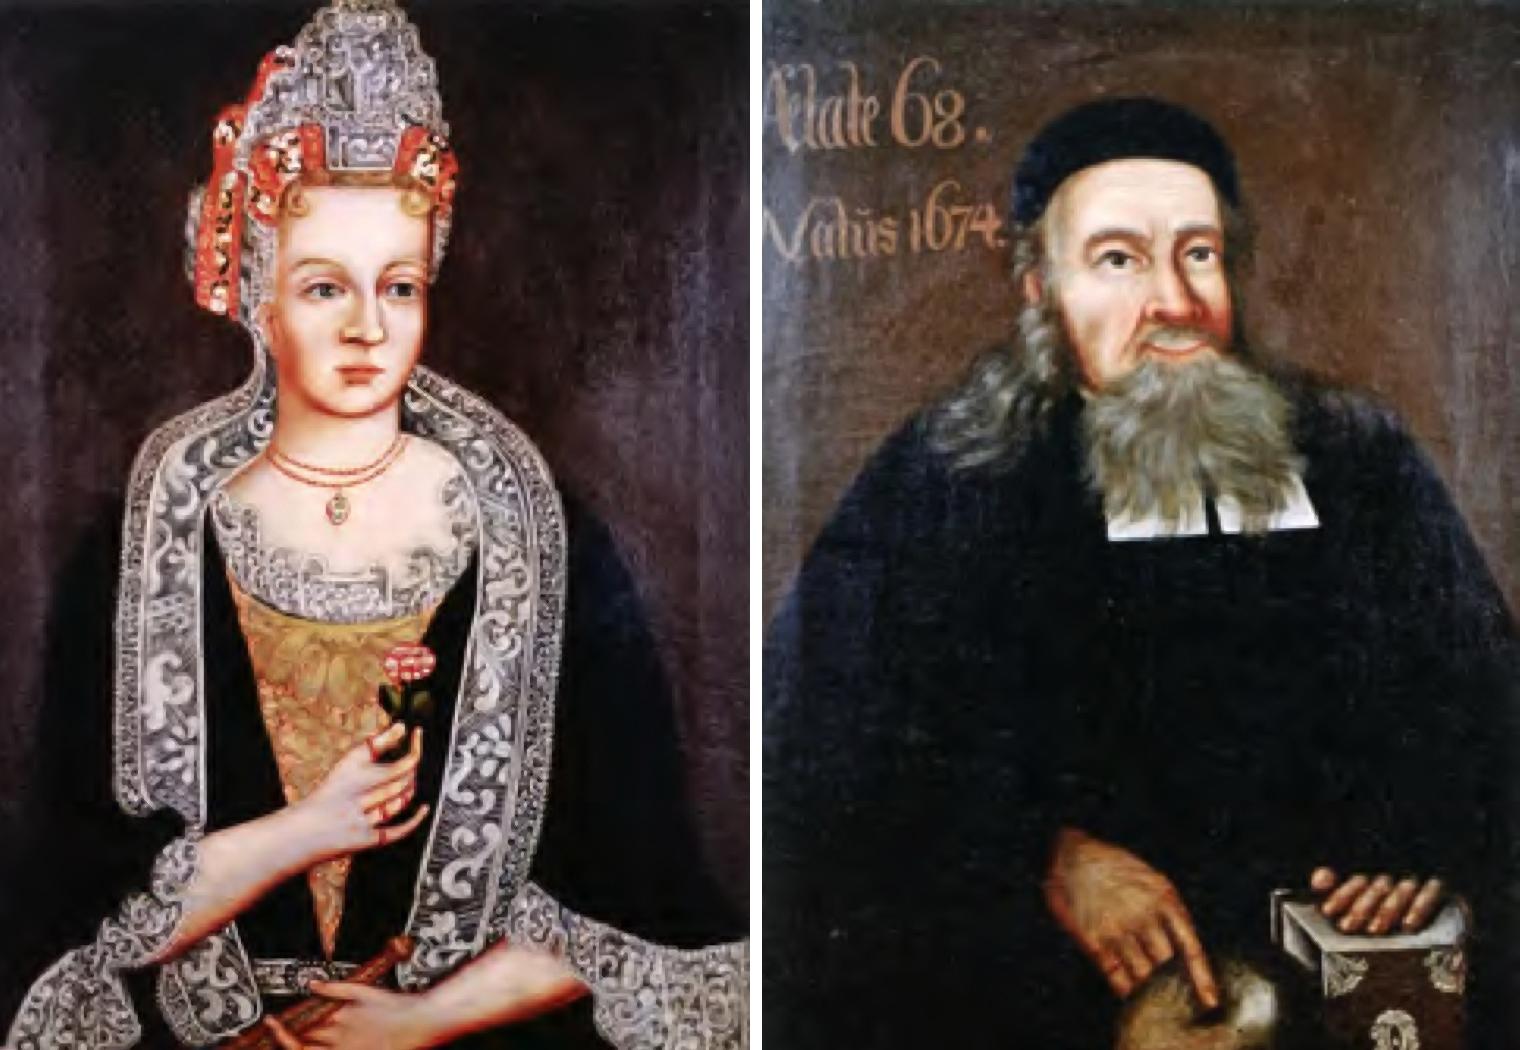 Родители — Кристина Бродерсония и Нильс Линней